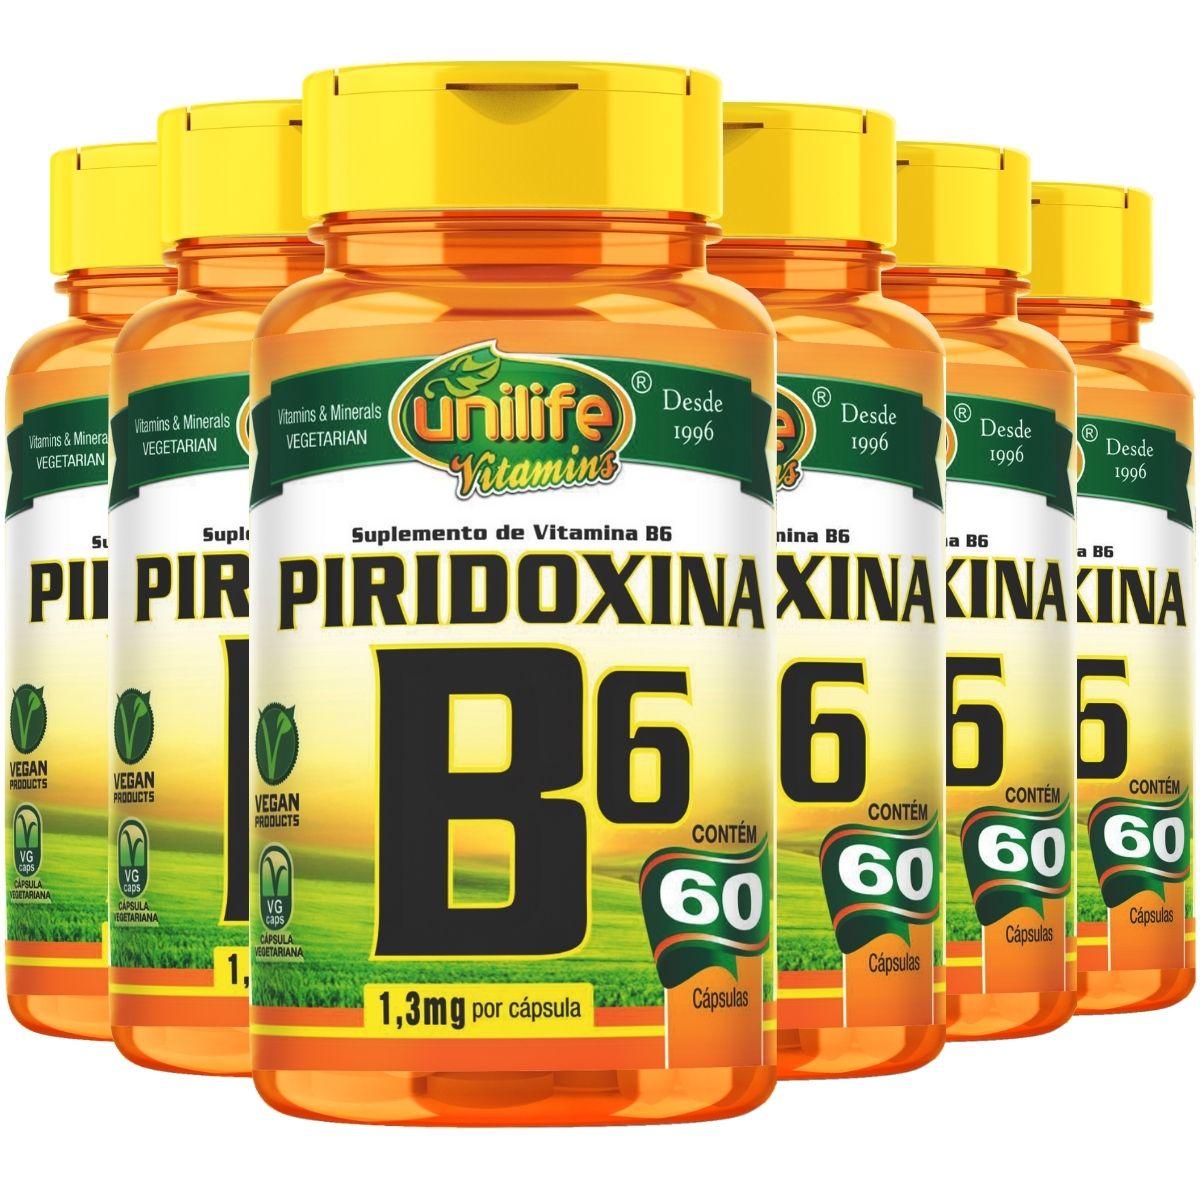 Kit 6 Vitamina B6 Piridoxina 60 Cápsulas 500mg - Unilife